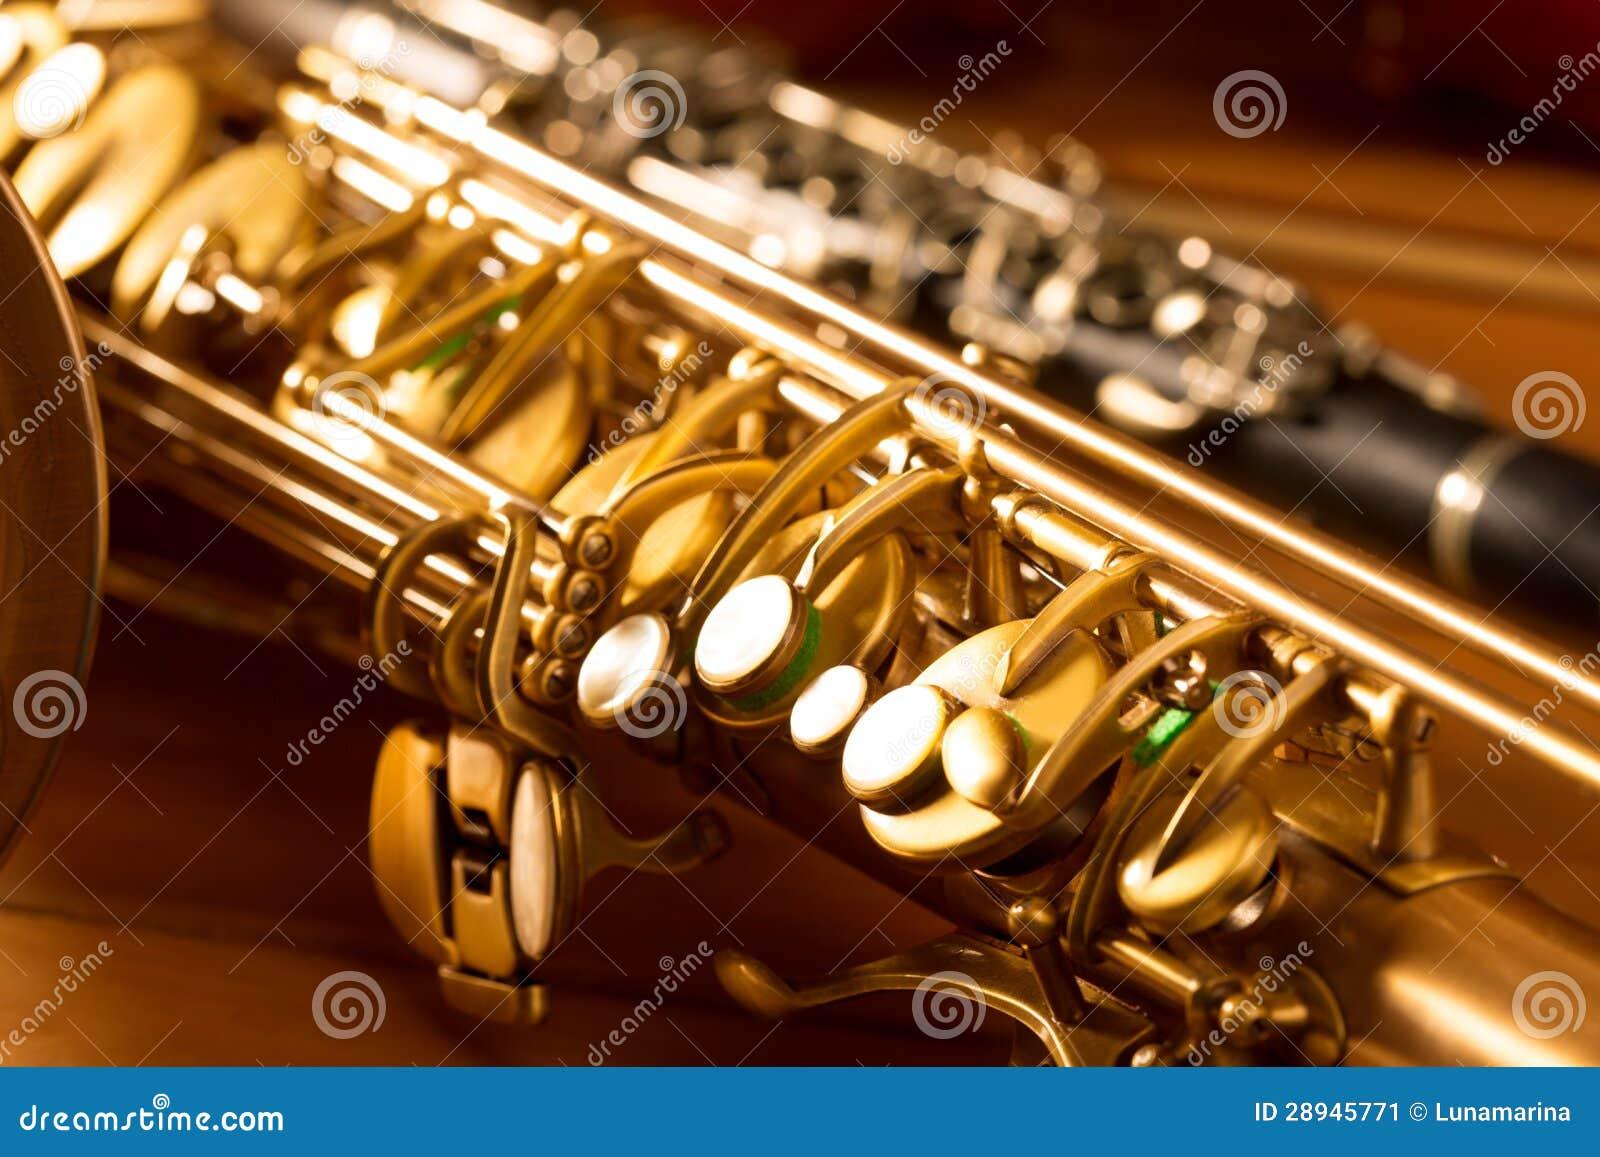 Κλασικοί saxophone γενικής ιδέας σκεπάρνι μουσικής και τρύγος κλαρινέτων